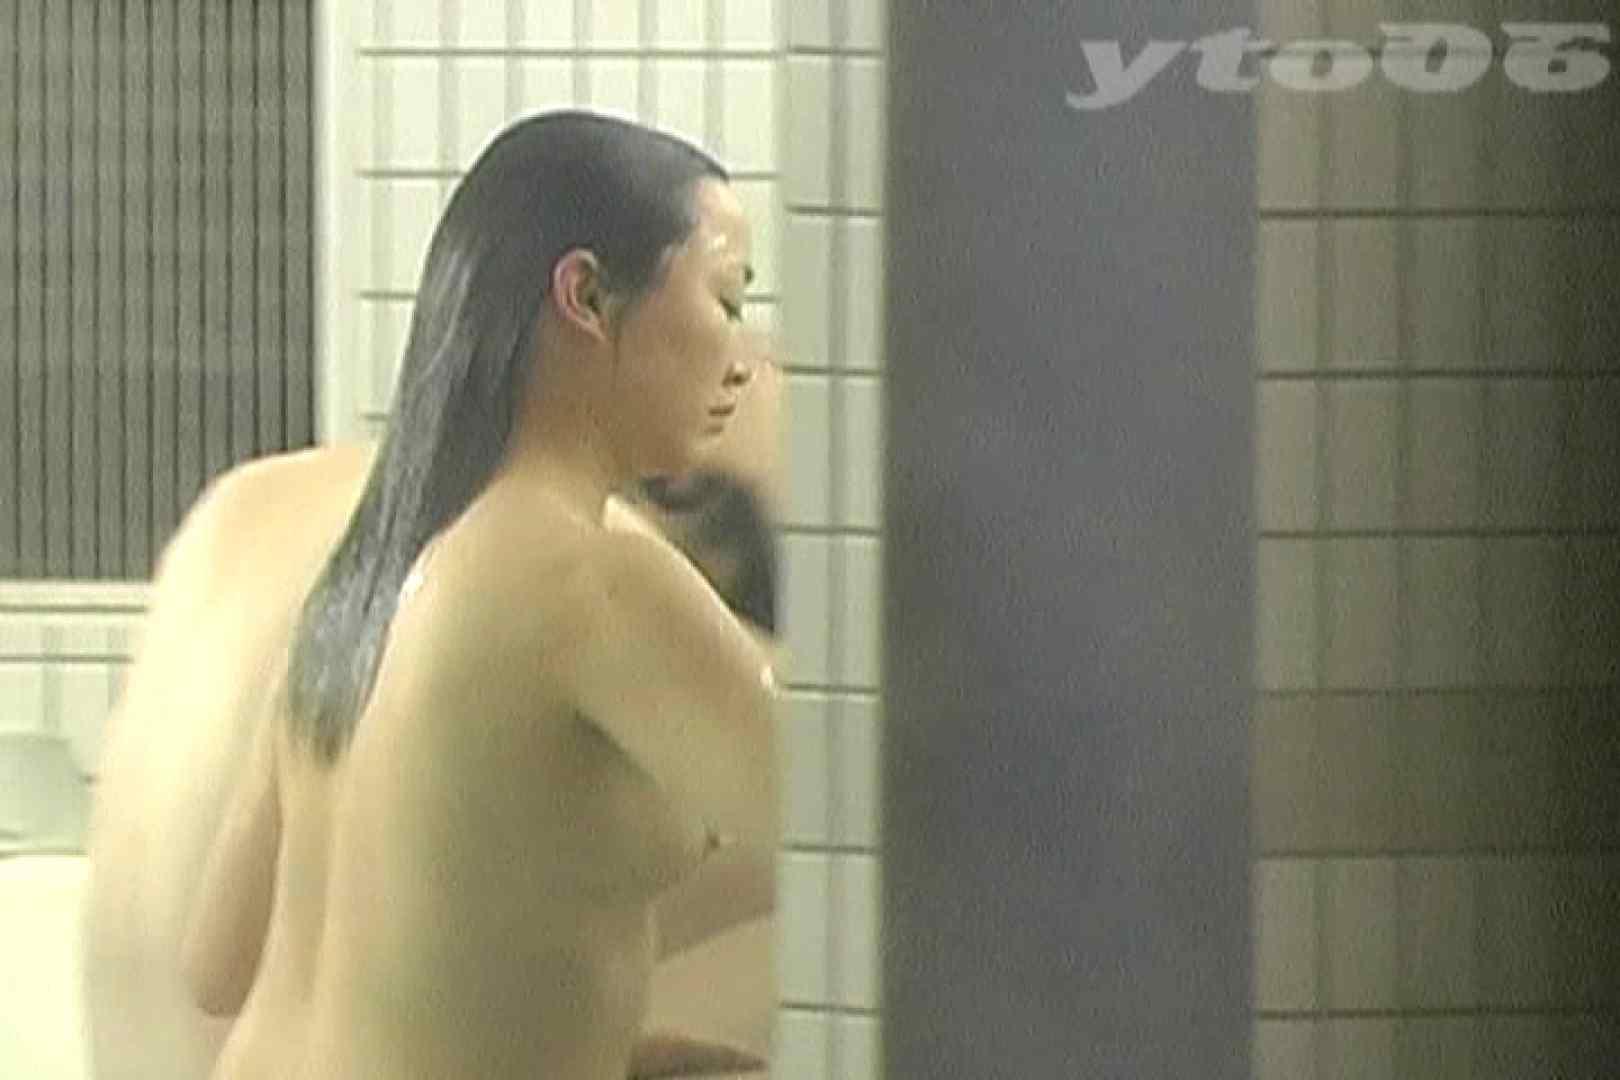 ▲復活限定▲合宿ホテル女風呂盗撮 Vol.36 ホテル AV動画キャプチャ 78PIX 34